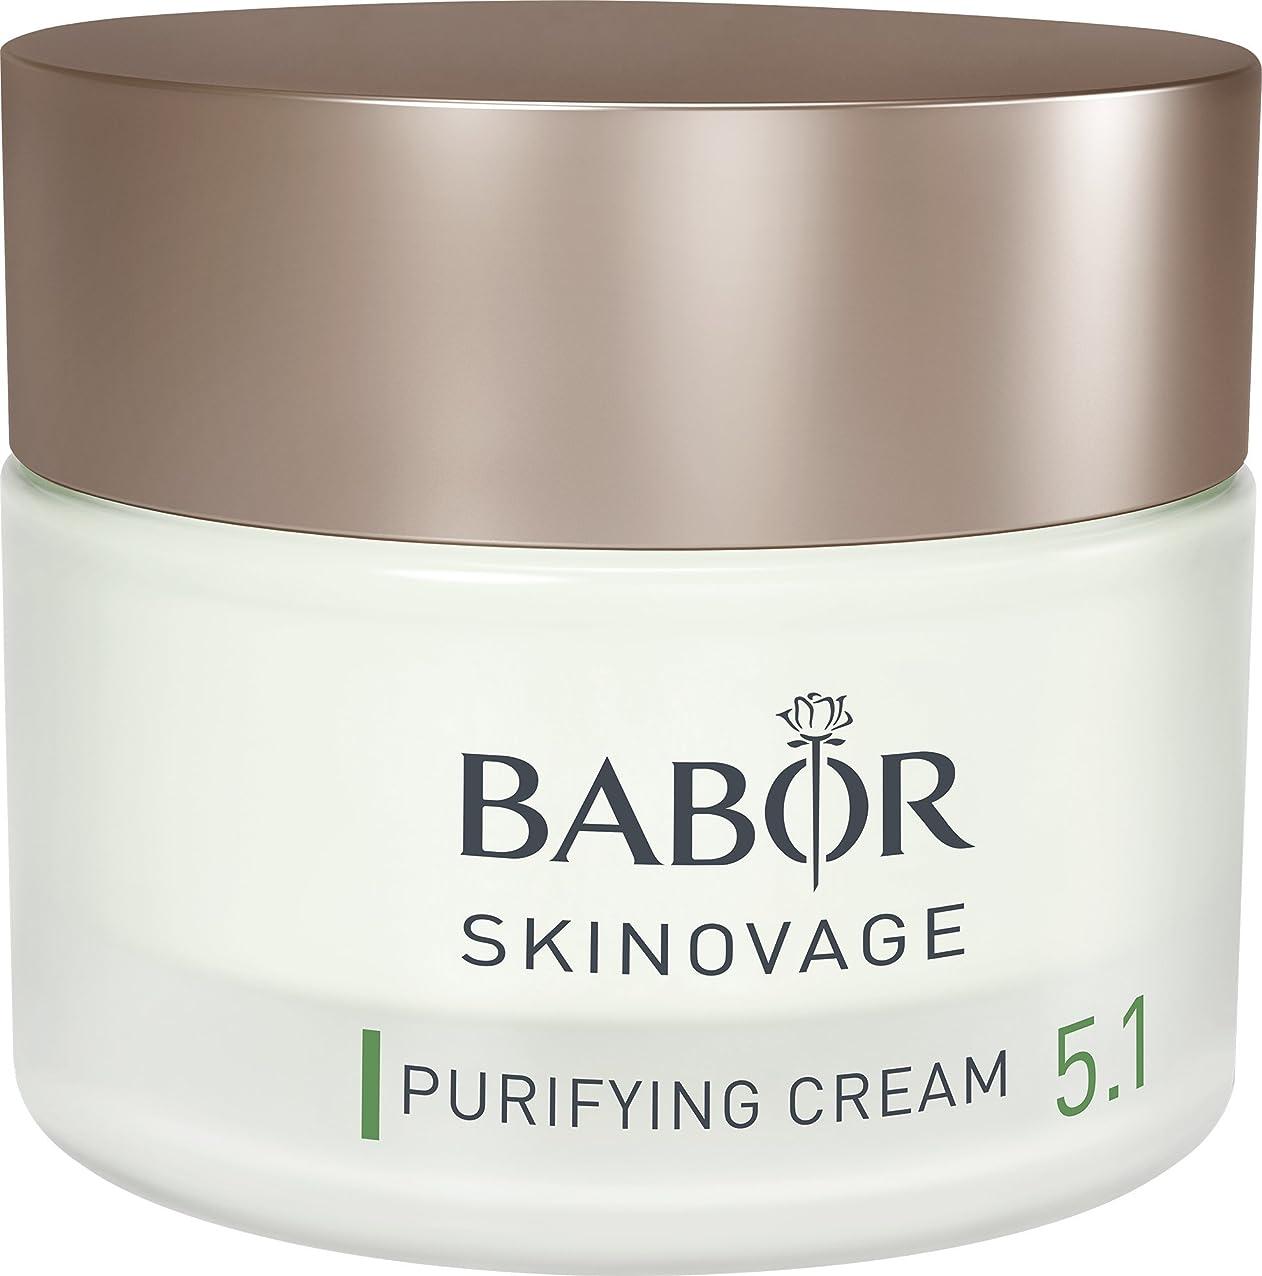 一月無駄な火バボール Skinovage [Age Preventing] Purifying Cream 5.1 - For Problem & Oily Skin 50ml/1.7oz並行輸入品